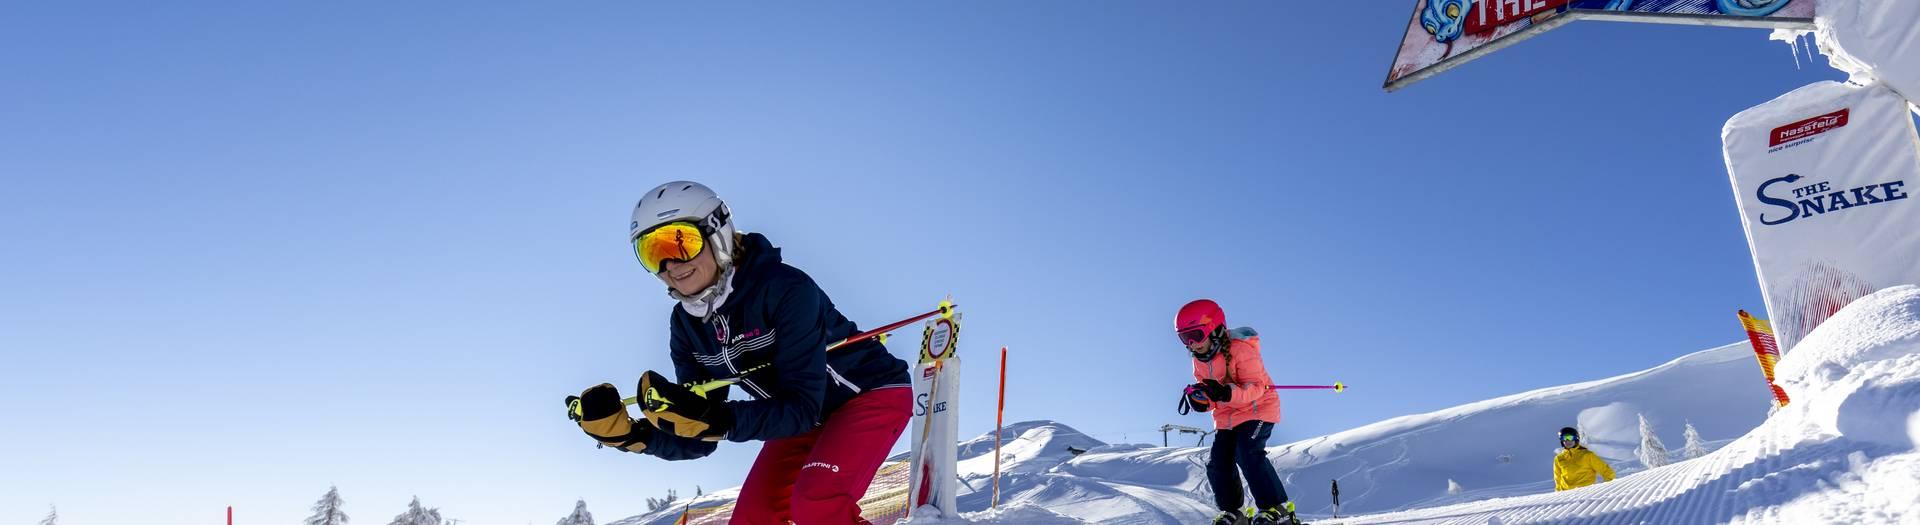 Nassfeld Skispass für kids